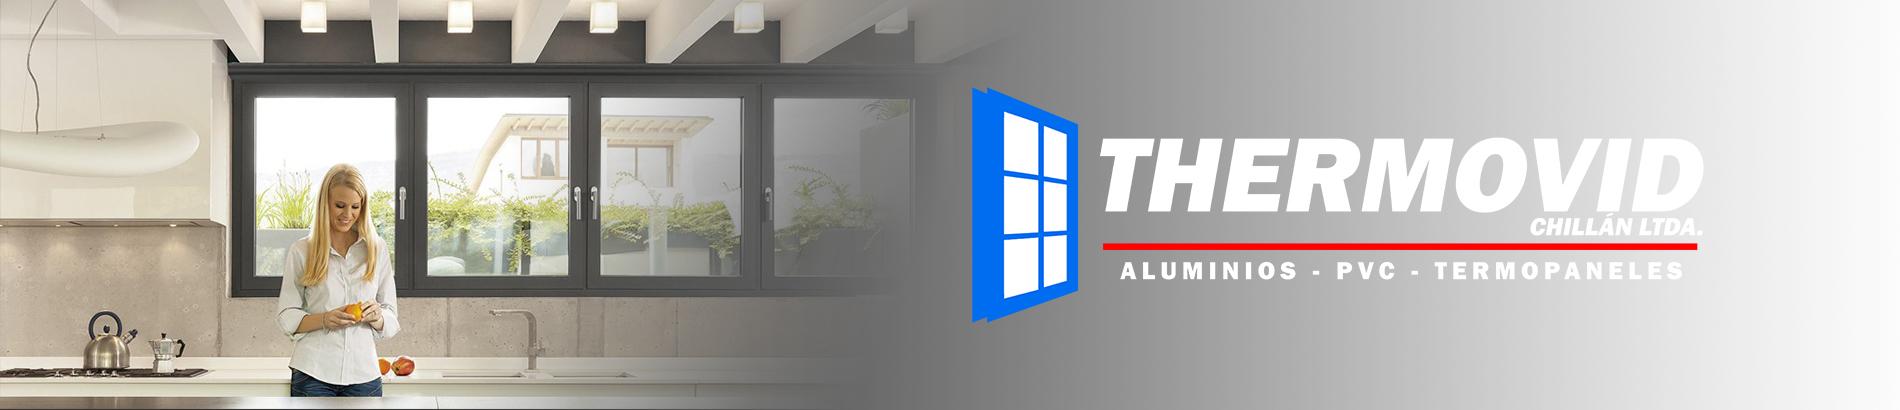 AHORRE CON VENTANAS DE PVC THERMOVID CHILLÁN LTDA Con las ventanas de PVC THERMOVID CHILLAN LTDA usted podrá tener ahorros considerables en los costos de calefacción y climatización. Entre las principales ventajas que las caracterizan se destaca: - Ahorro energético - Baja conductividad térmica - Hermeticidad - Alta resistencia - Seguridad